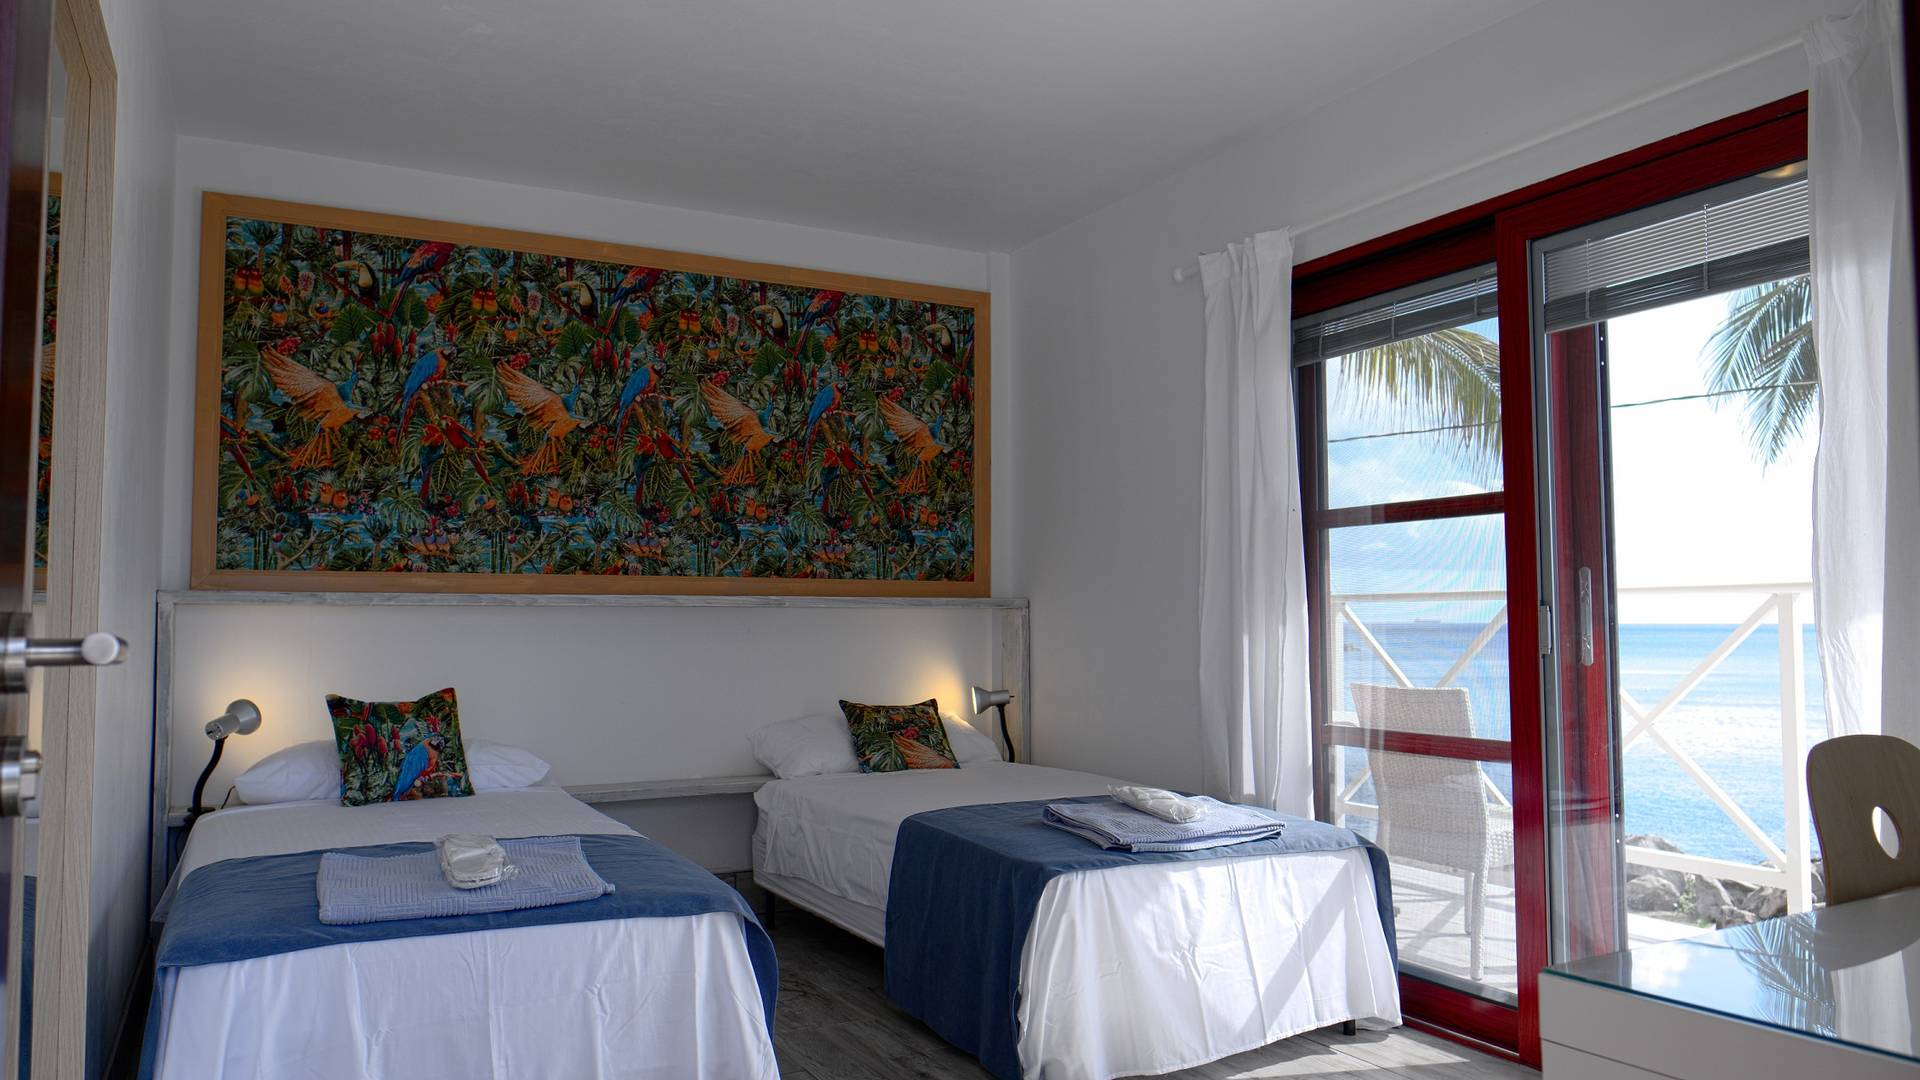 Orange Bay Hotel St. Eustatius